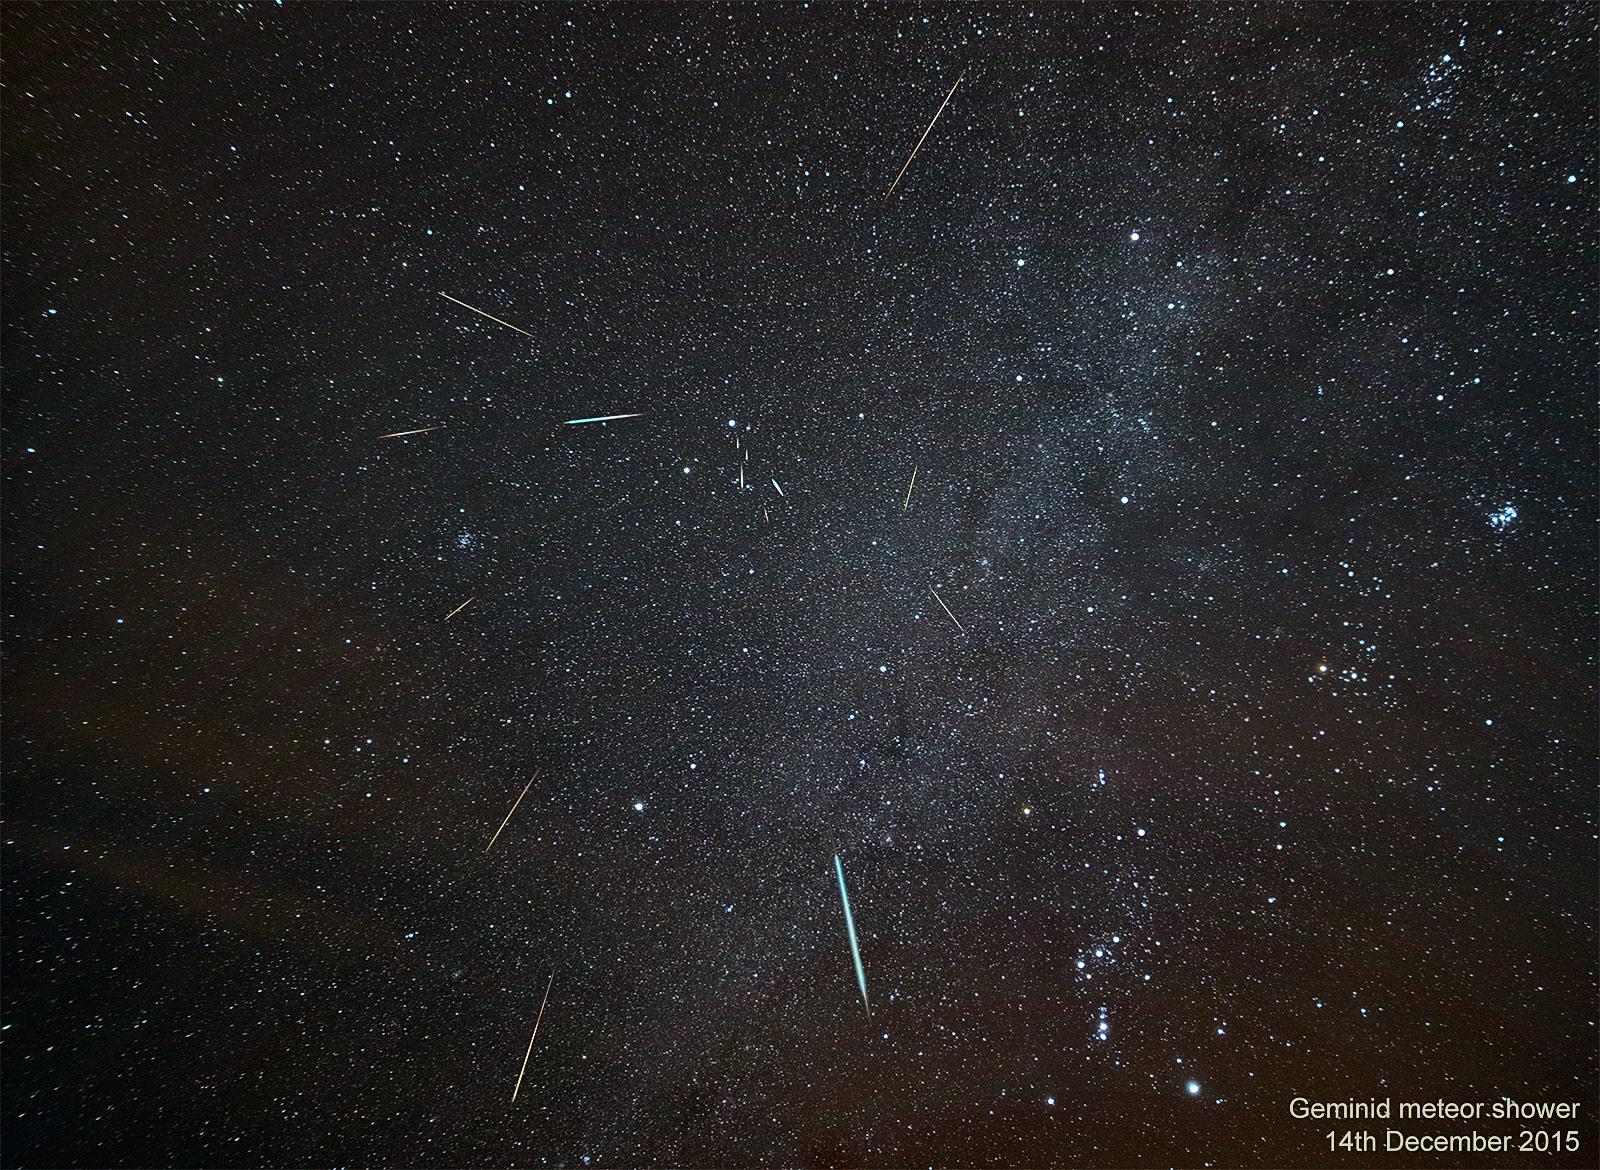 2015 Geminid Meteor Shower by Kevin Lewis